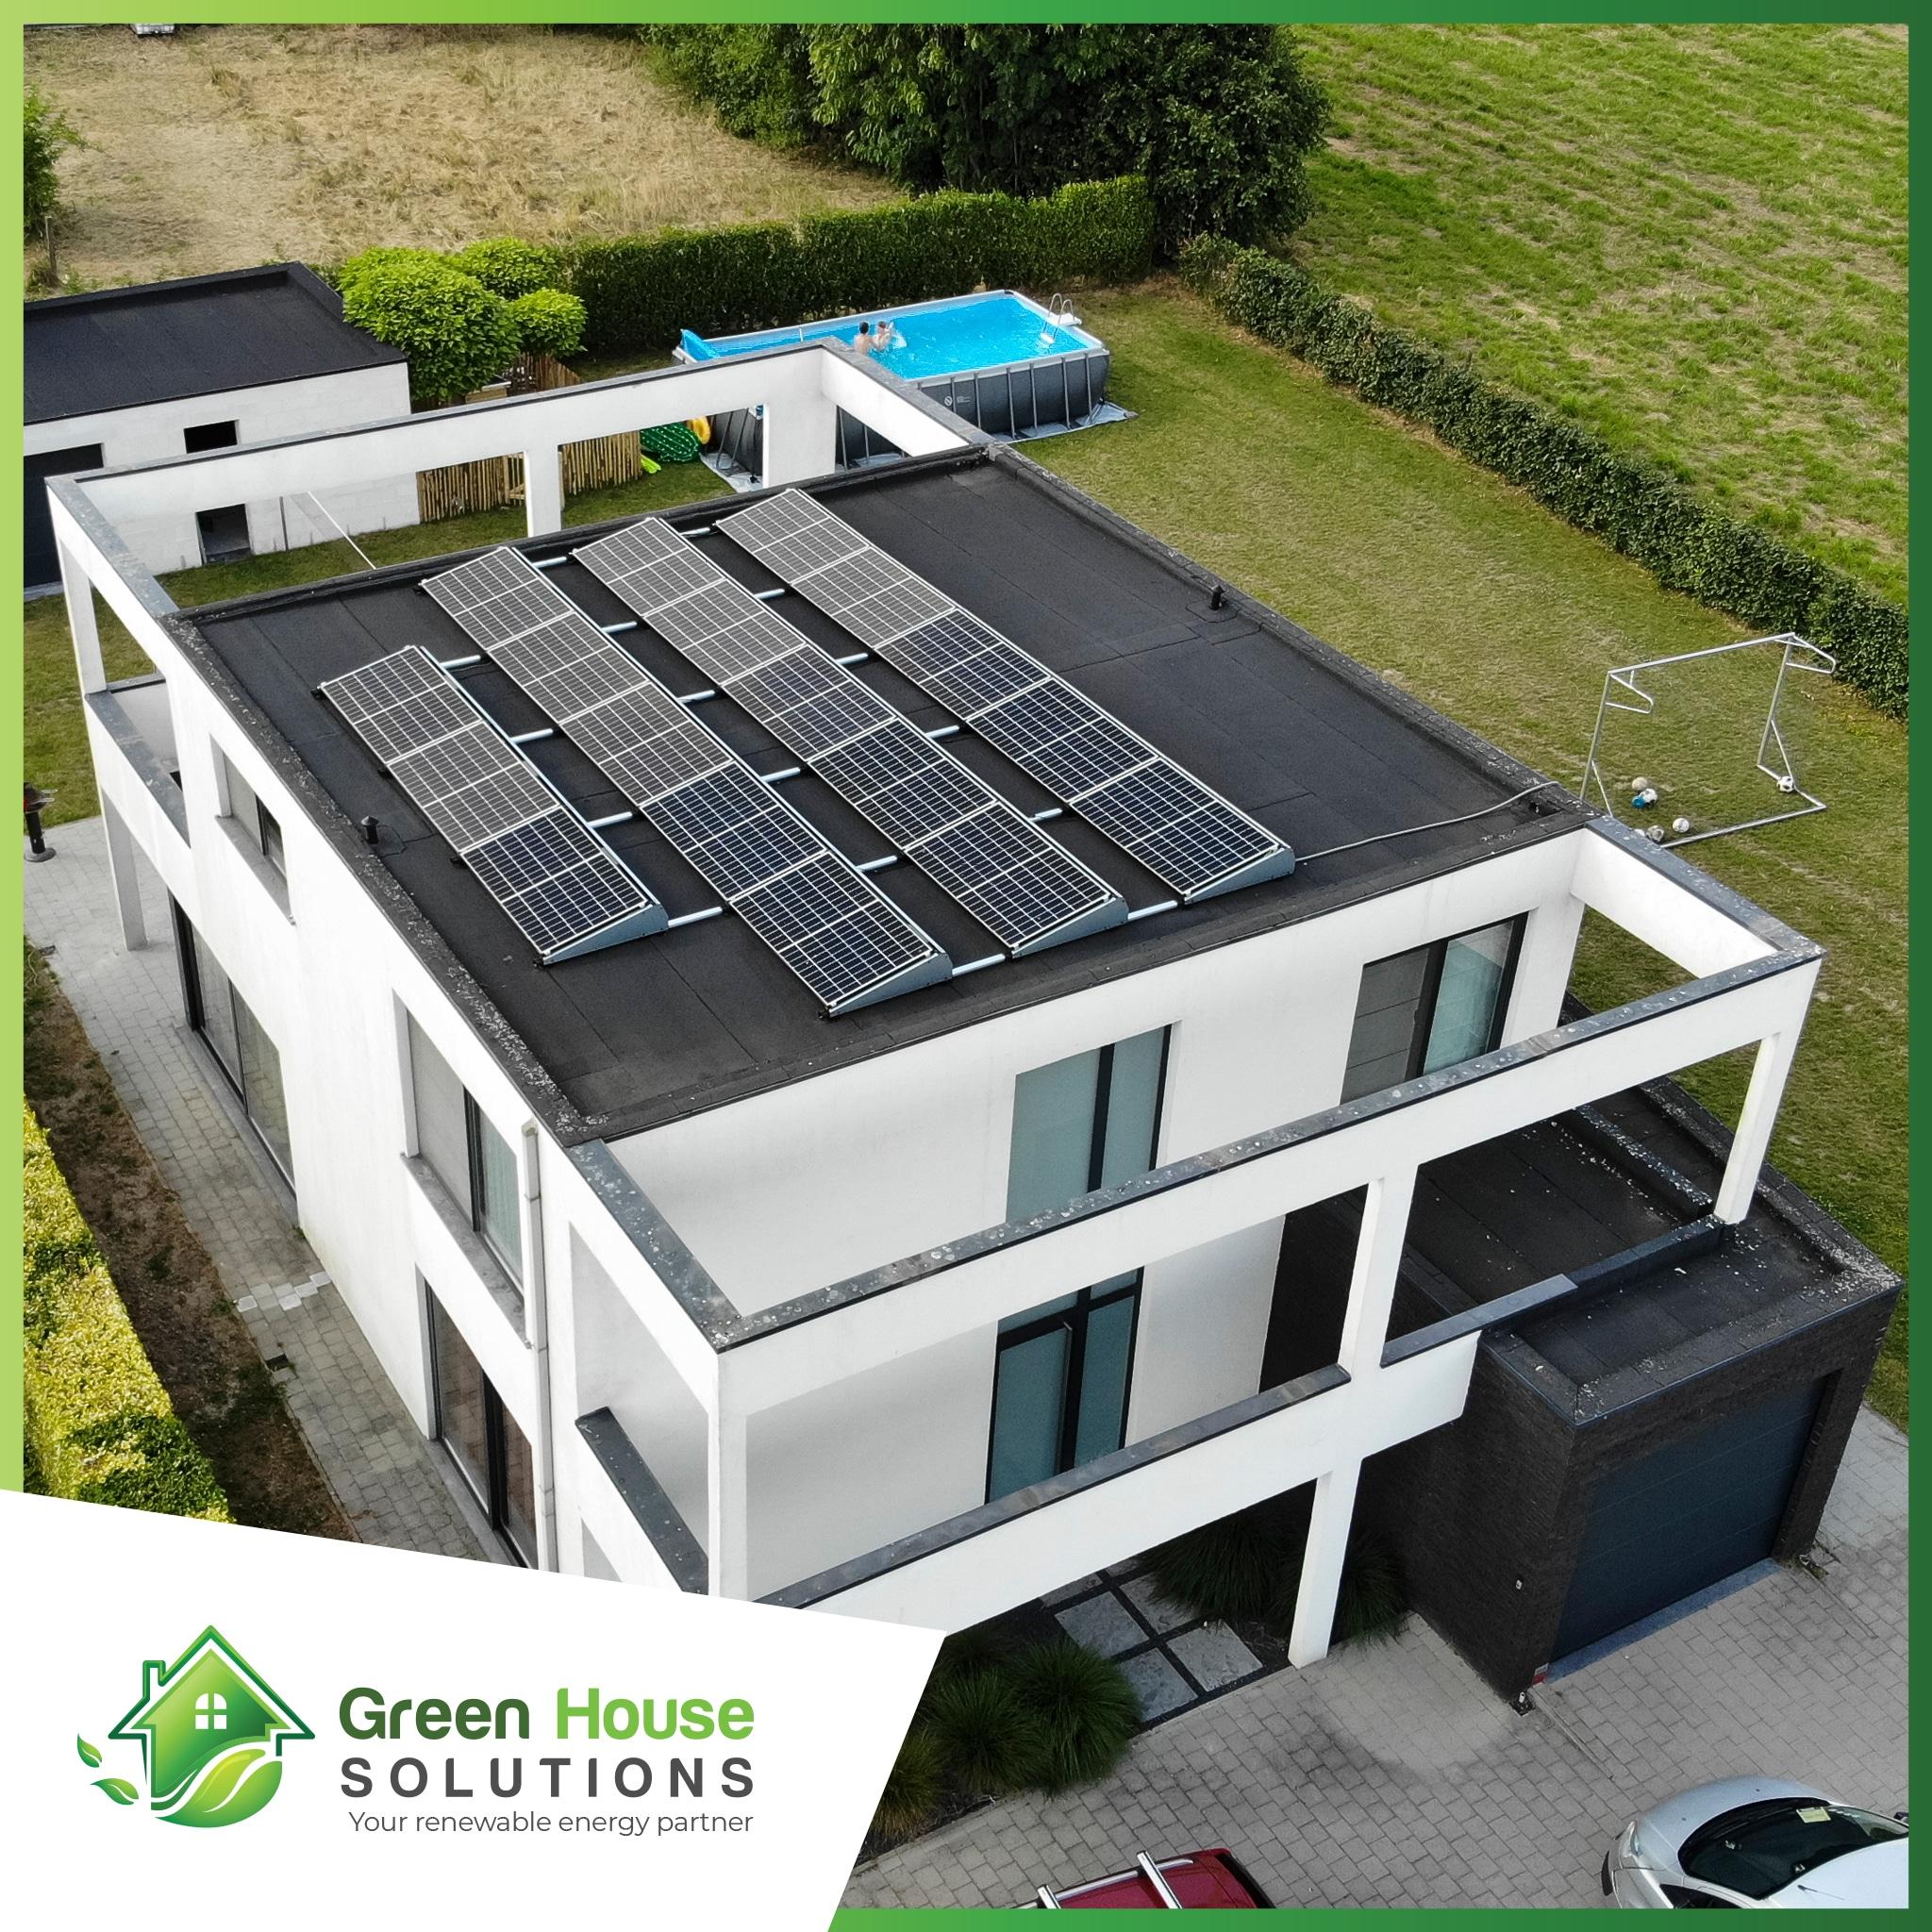 Green House Solutions zonnepanelen plaatsen installeren of kopen 00015